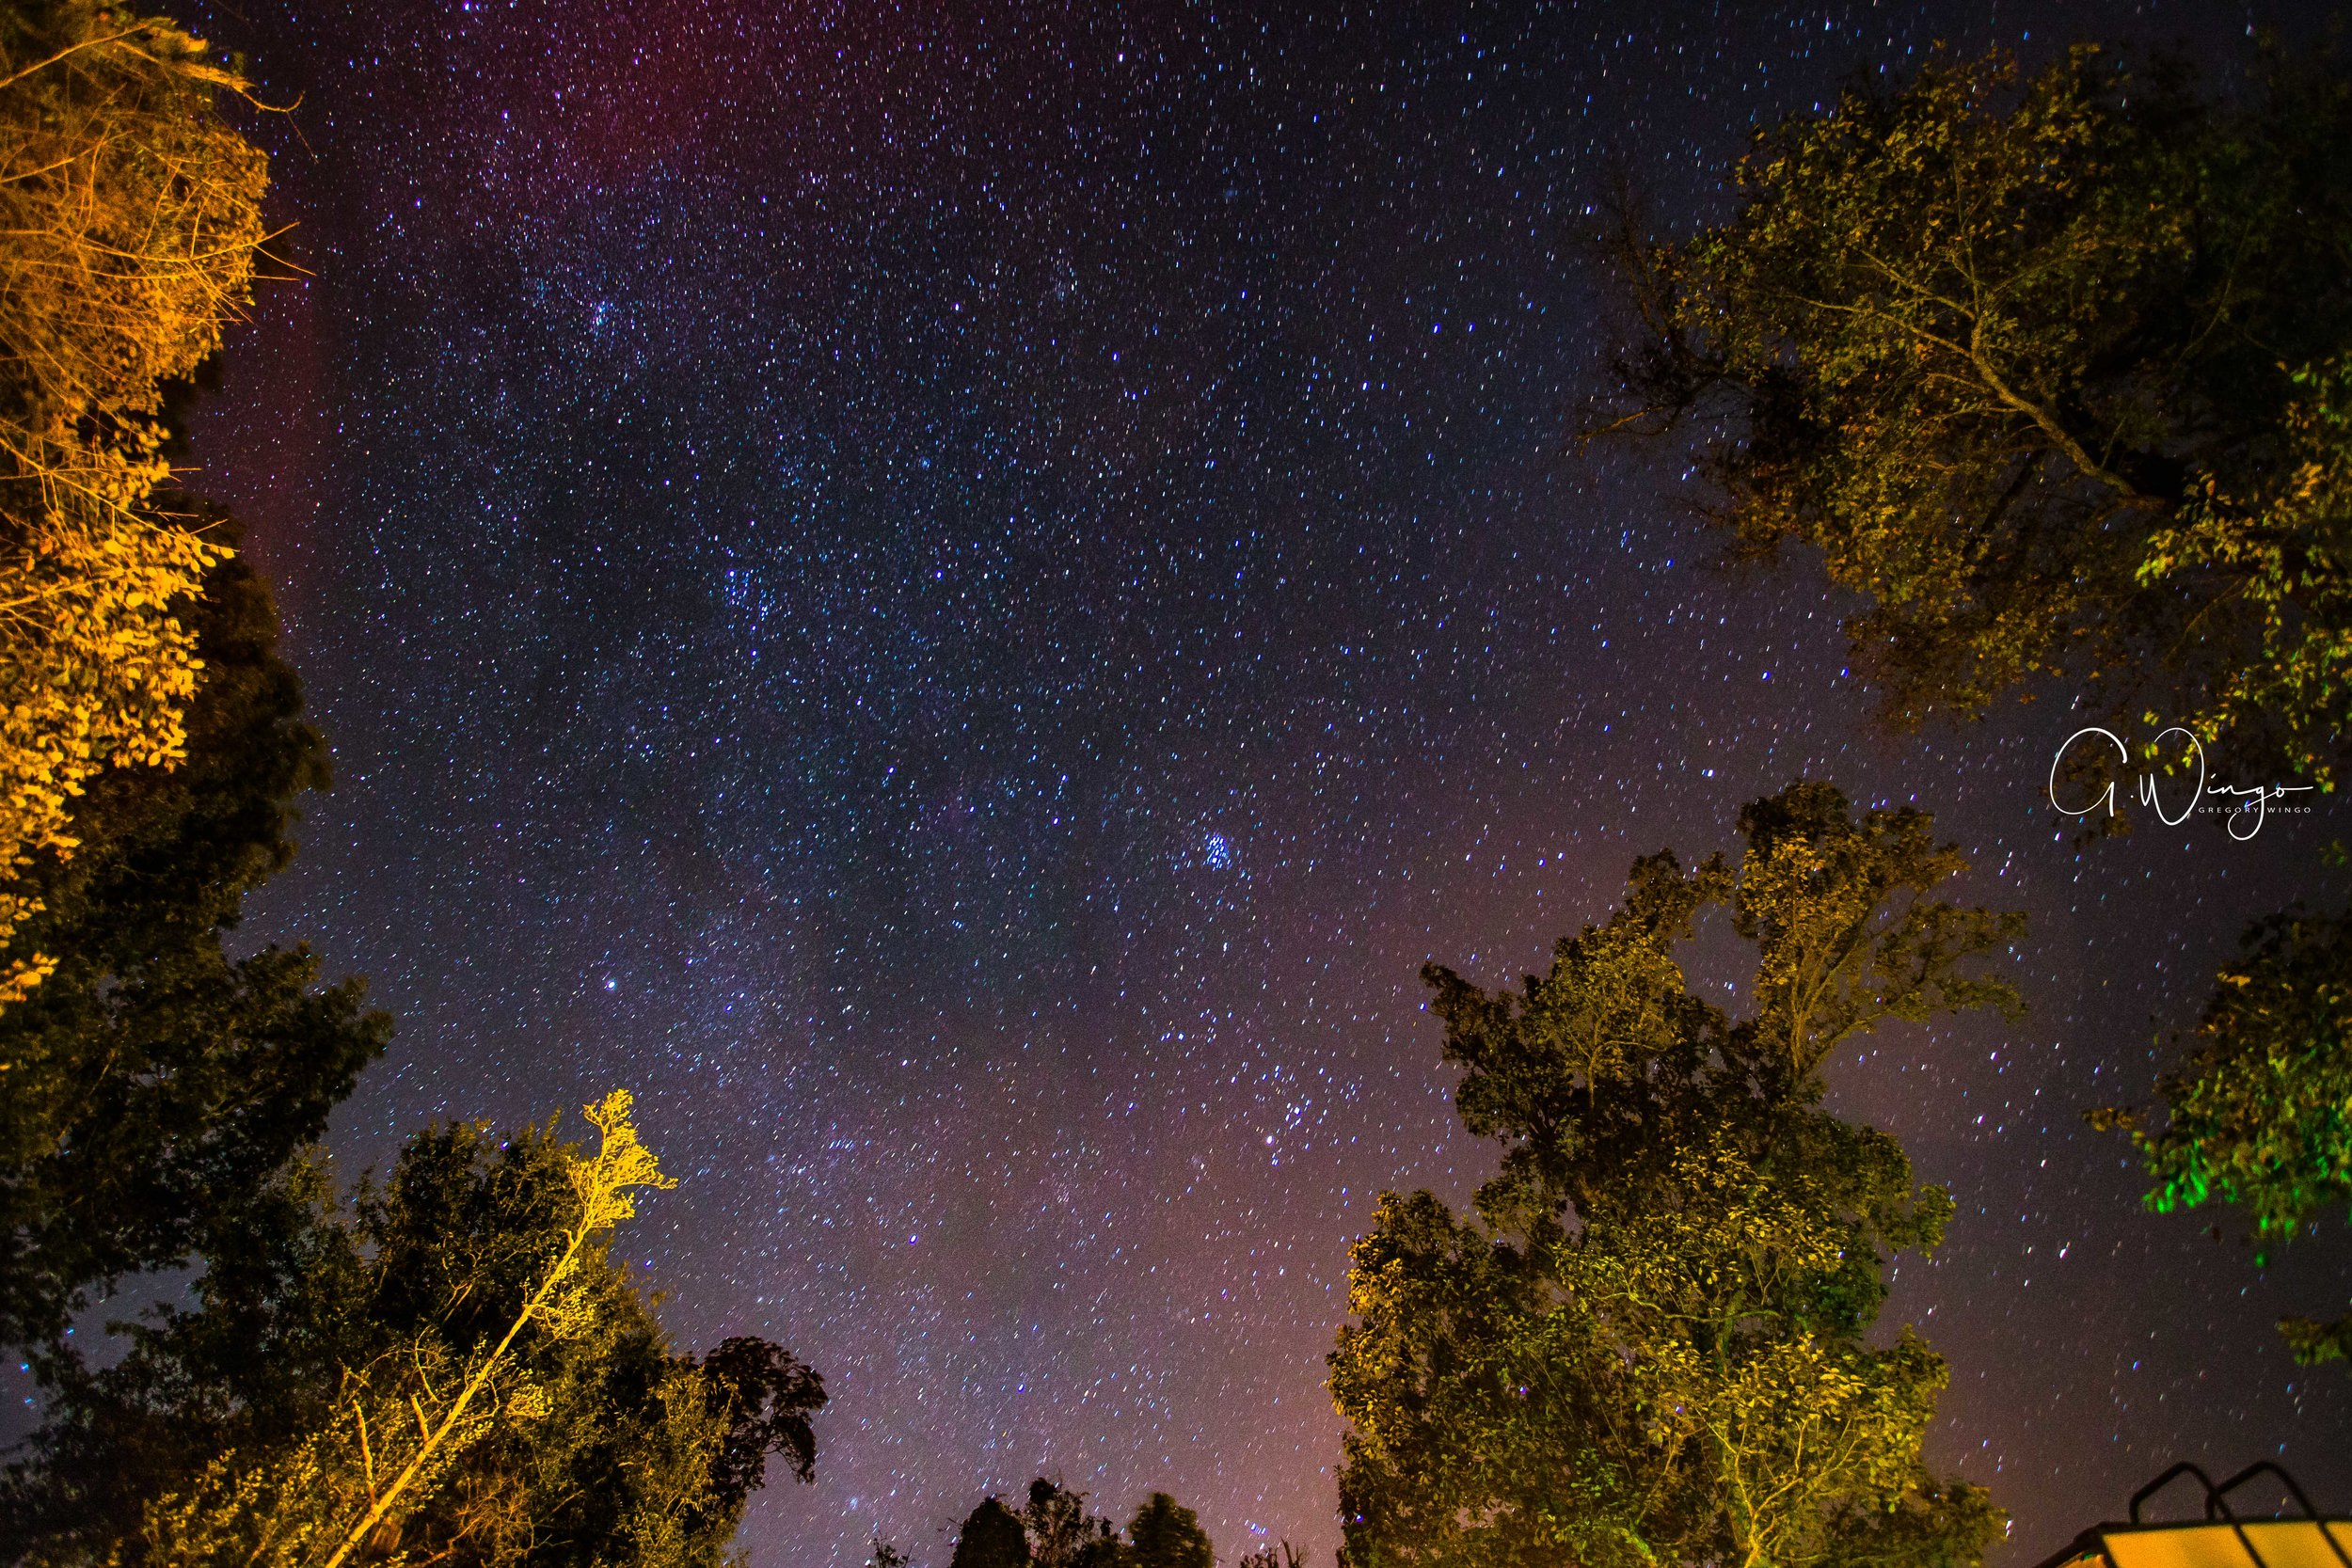 Martin Dies Jr. State Park - Milky Way